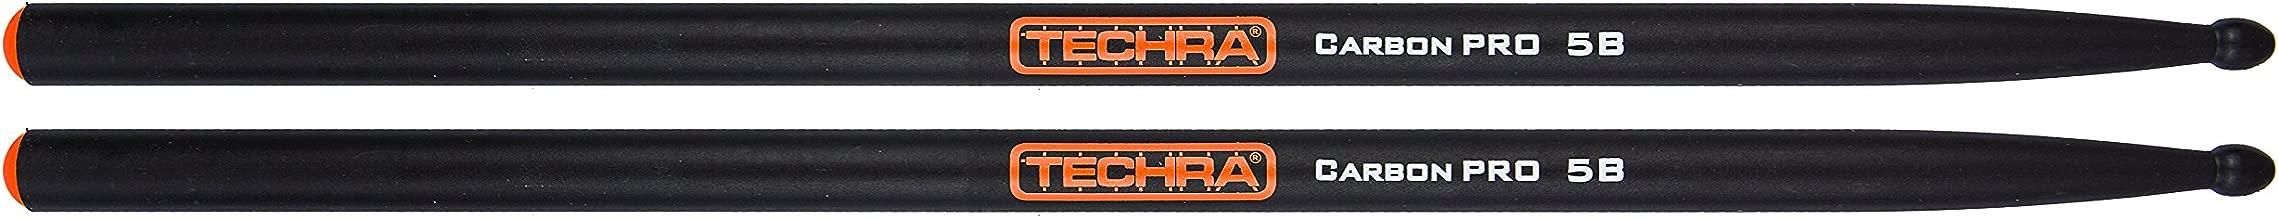 TECHRA CARBON PRO 5B ドラムスティック